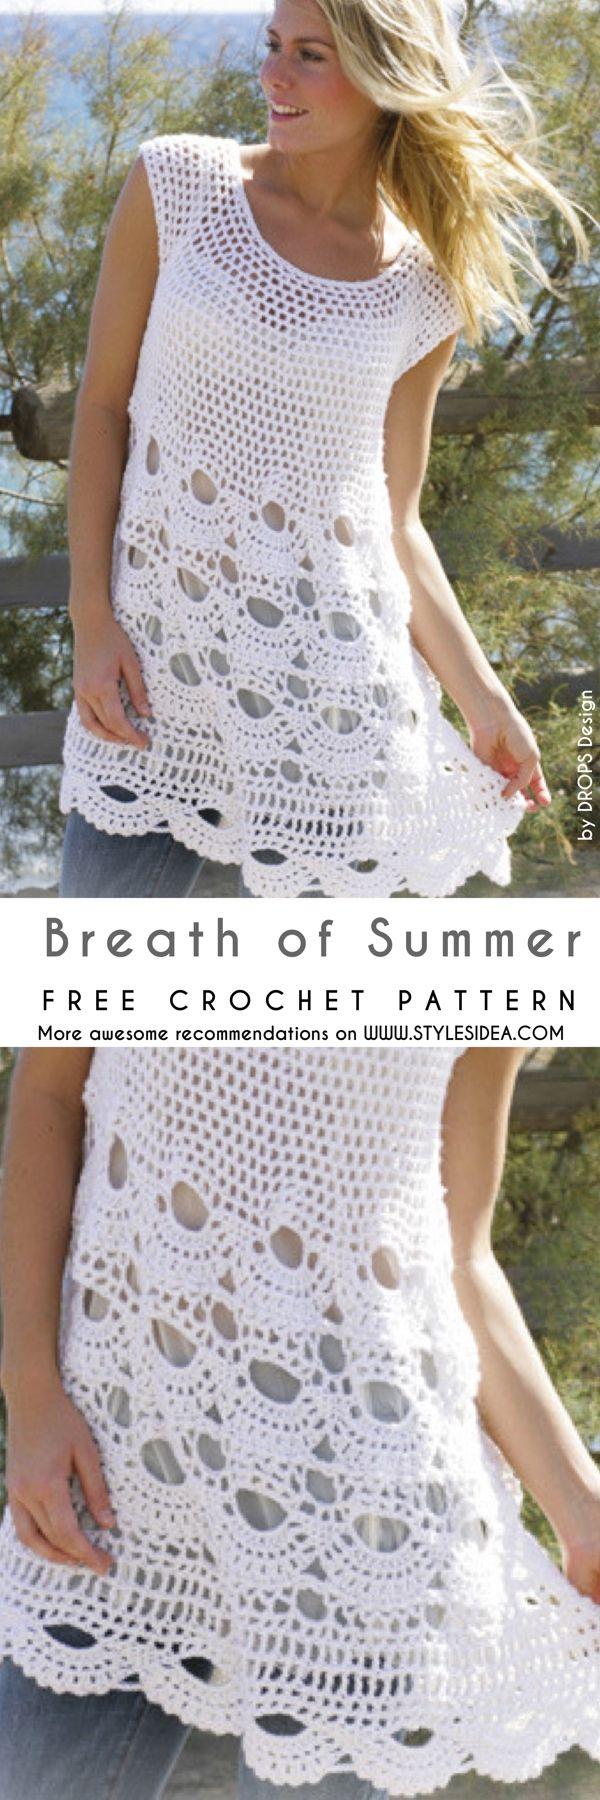 1603 best crochet images on Pinterest